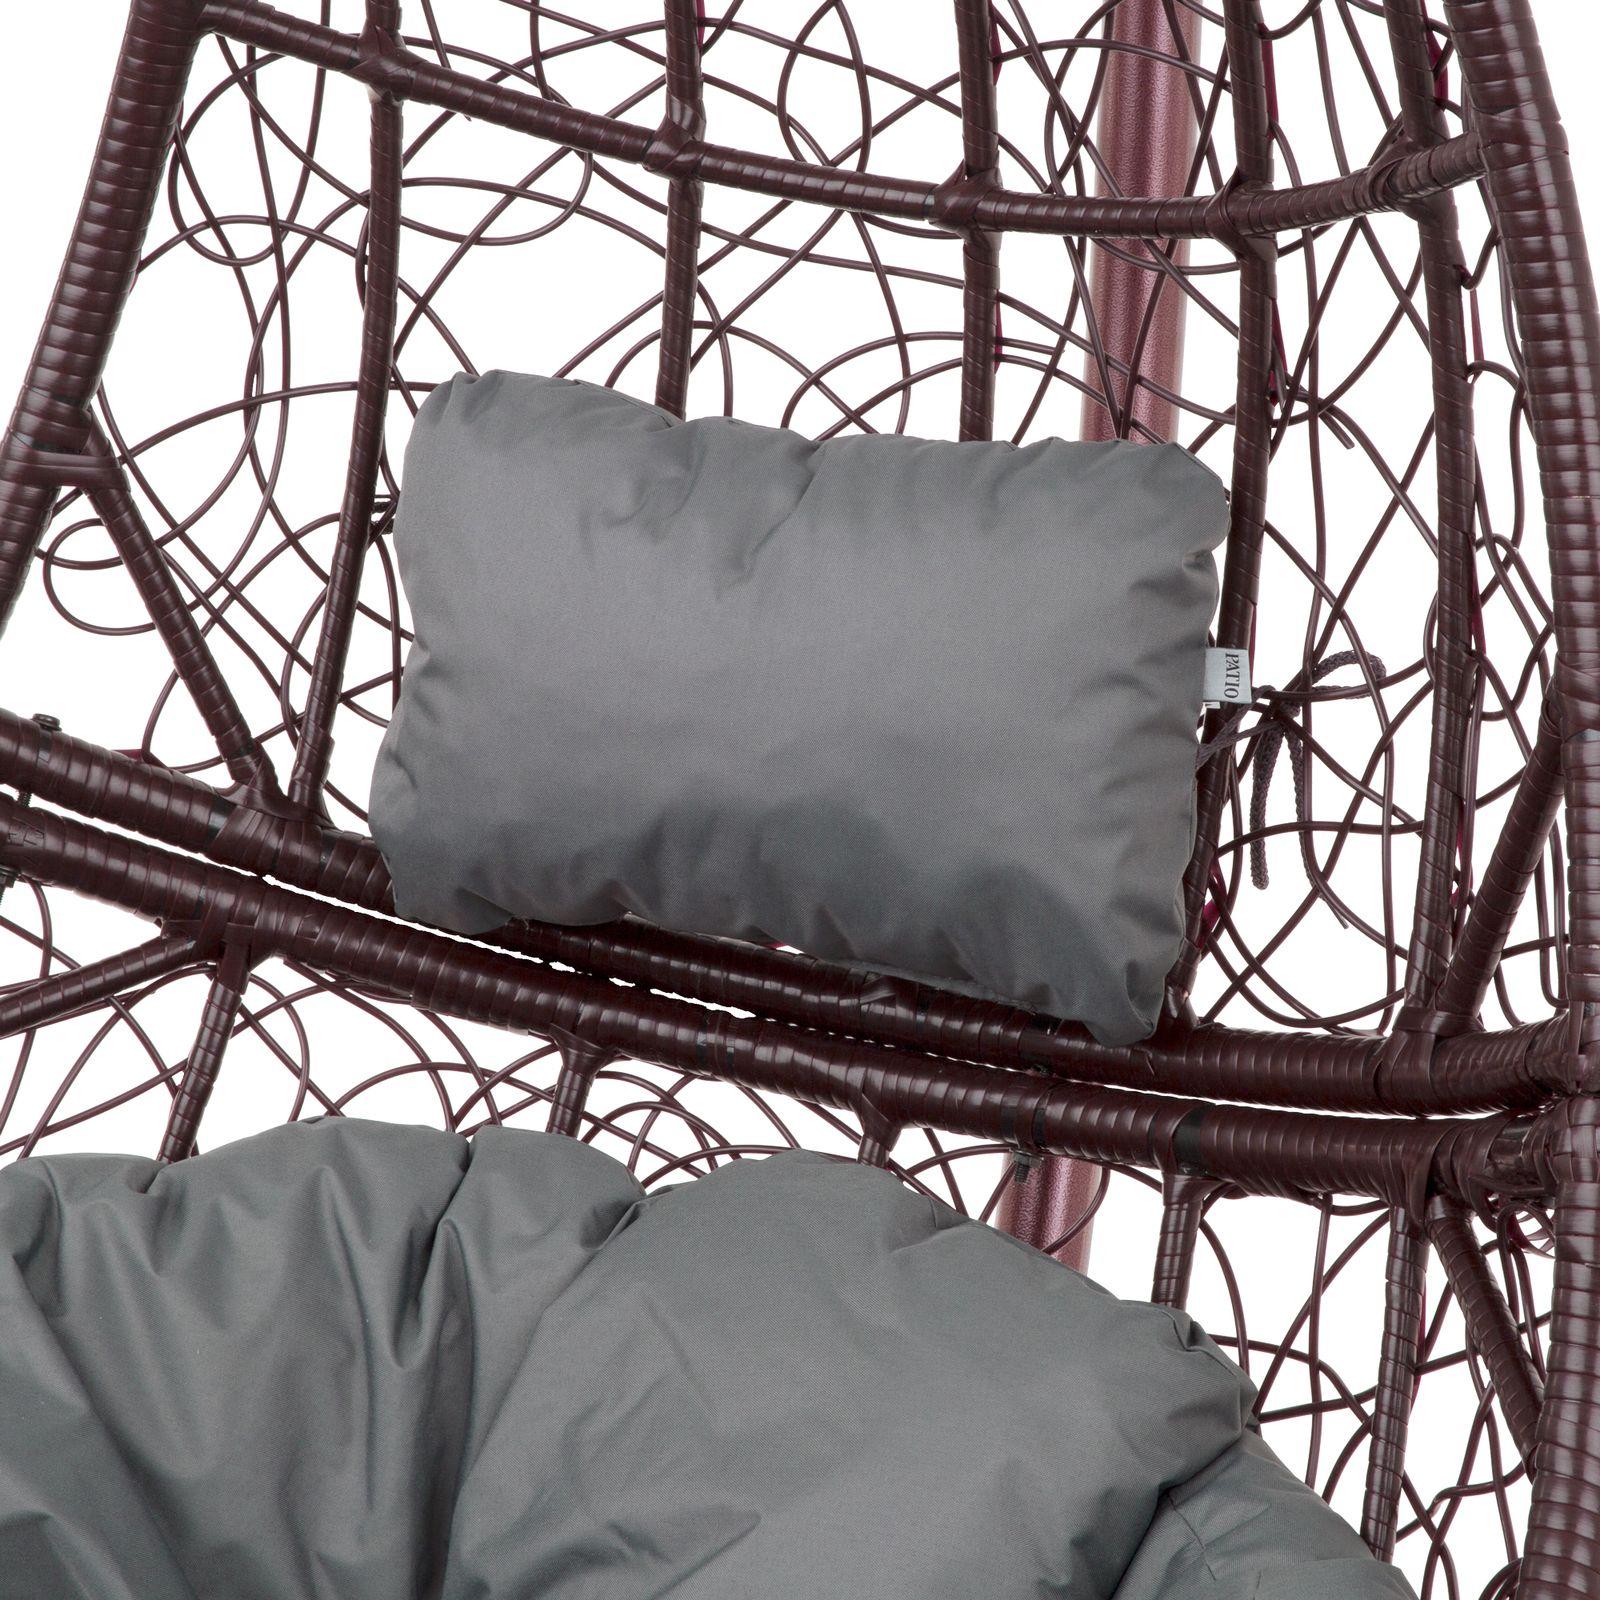 Cojín reposacabezas para sillón colgante D031-26CW 20 x 32 x 10 cm PATIO